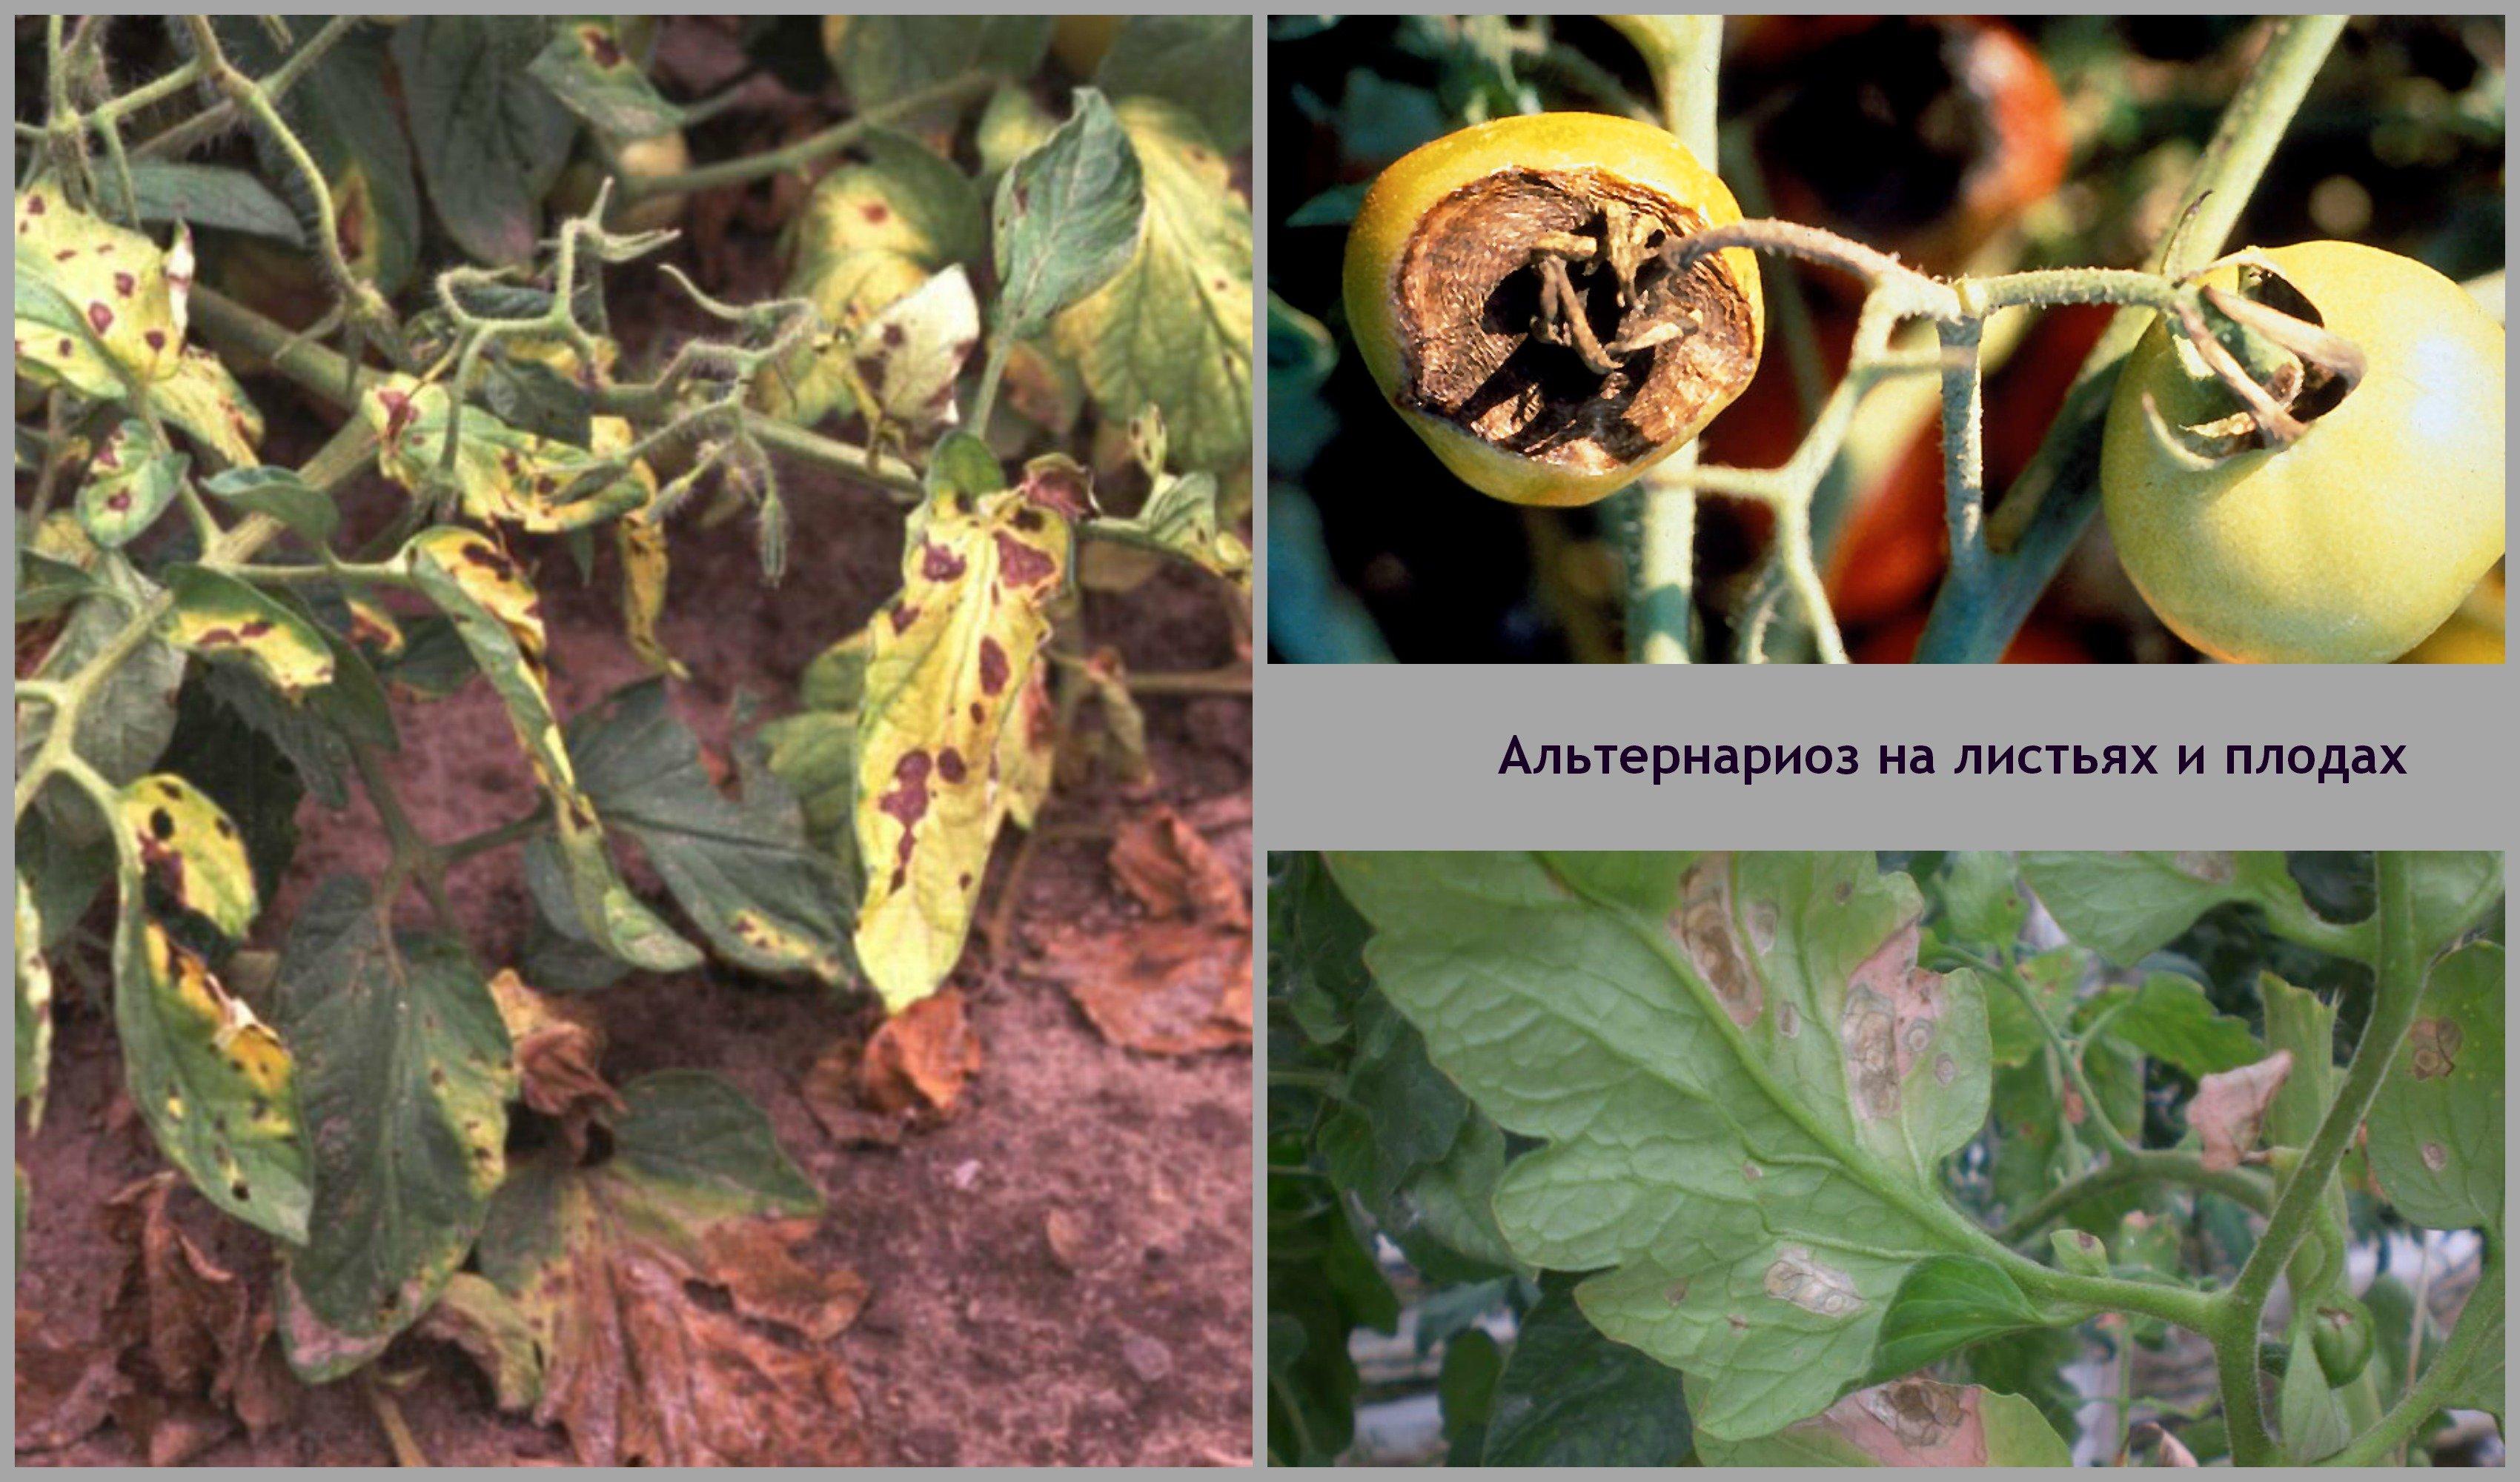 вредители помидоров и борьба с ними фото